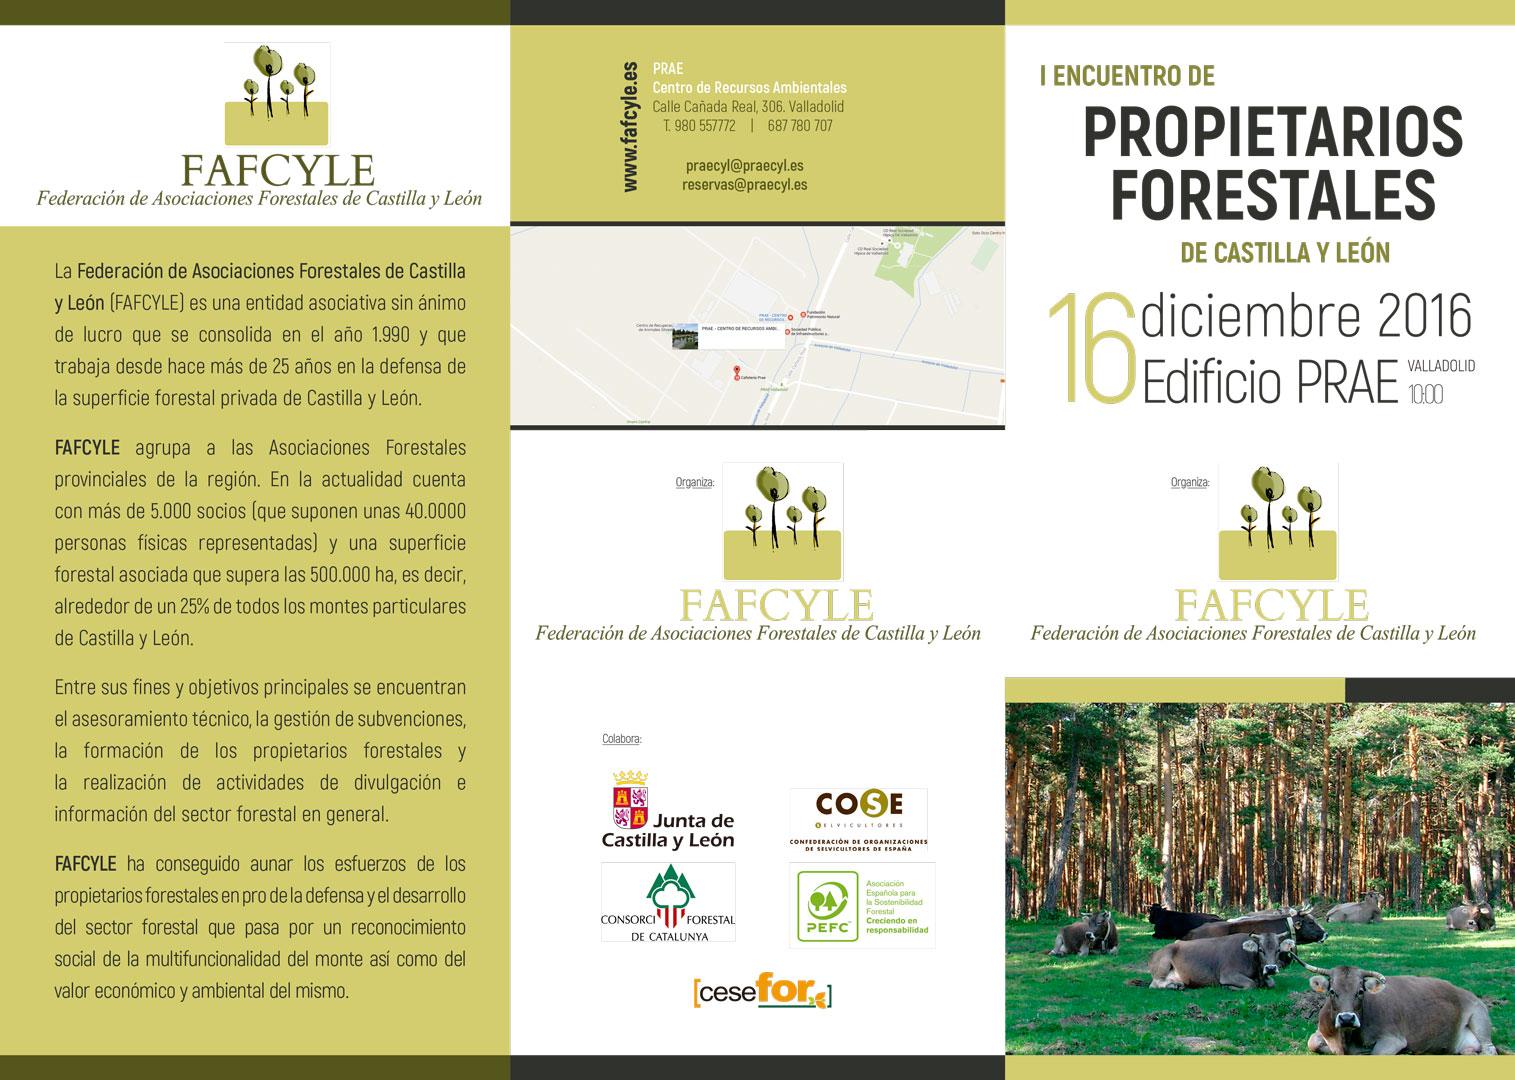 I ENCUENTRO DE PROPIETARIOS FORESTALES DE CYL - Folleto a